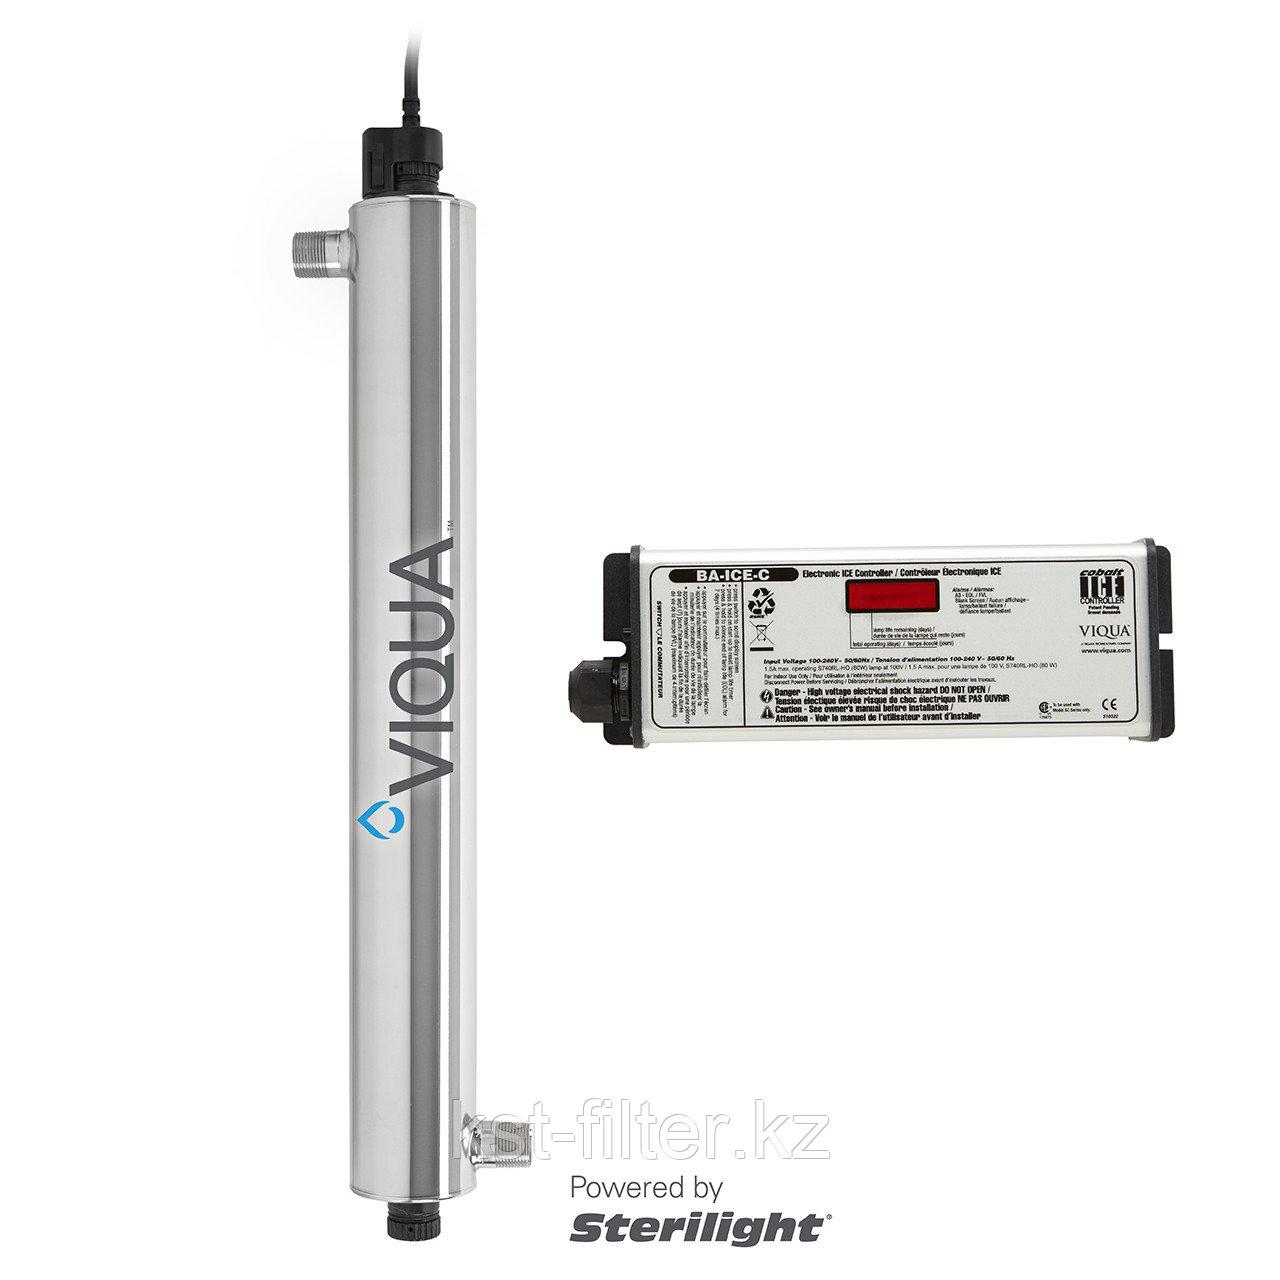 УФ обеззараживатель для воды VIQUASterilight SilverS5Q-PA/2